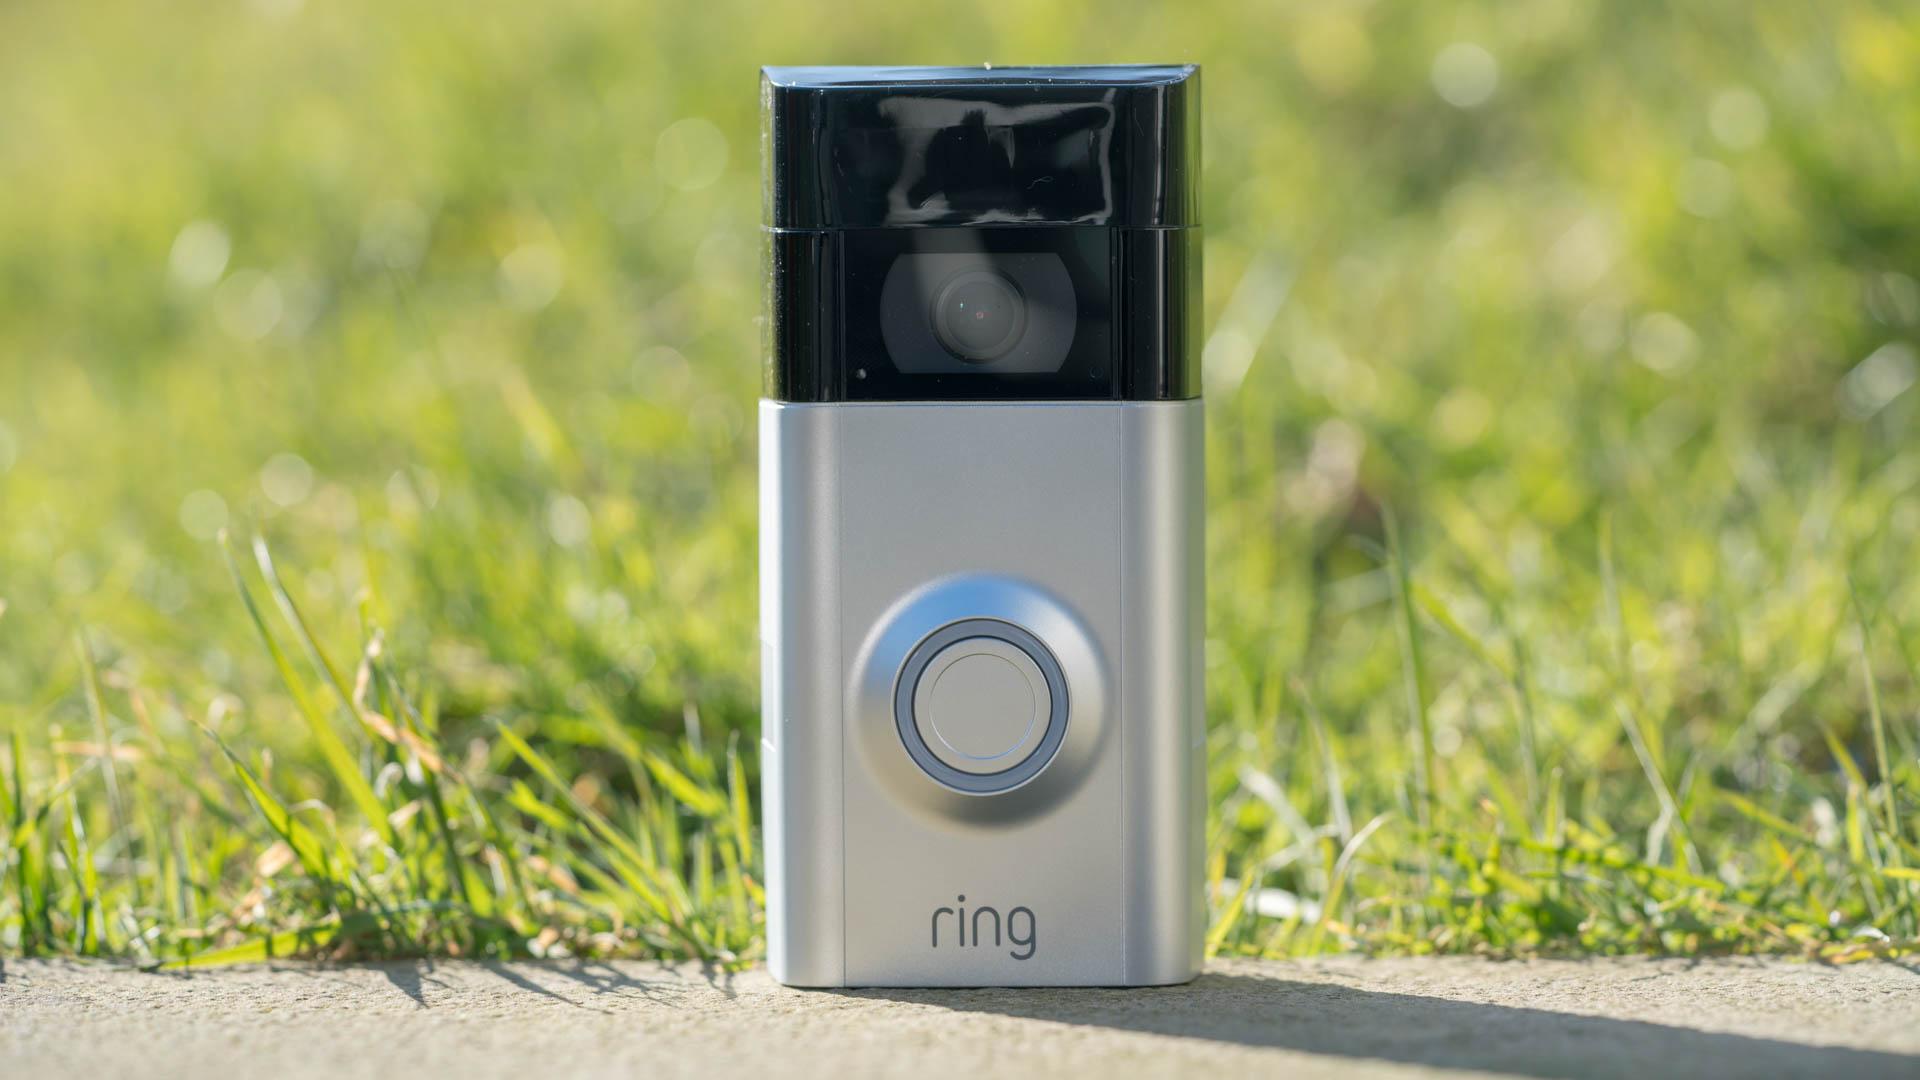 haustürklingel mit kamera test | ring video doorbell testbericht